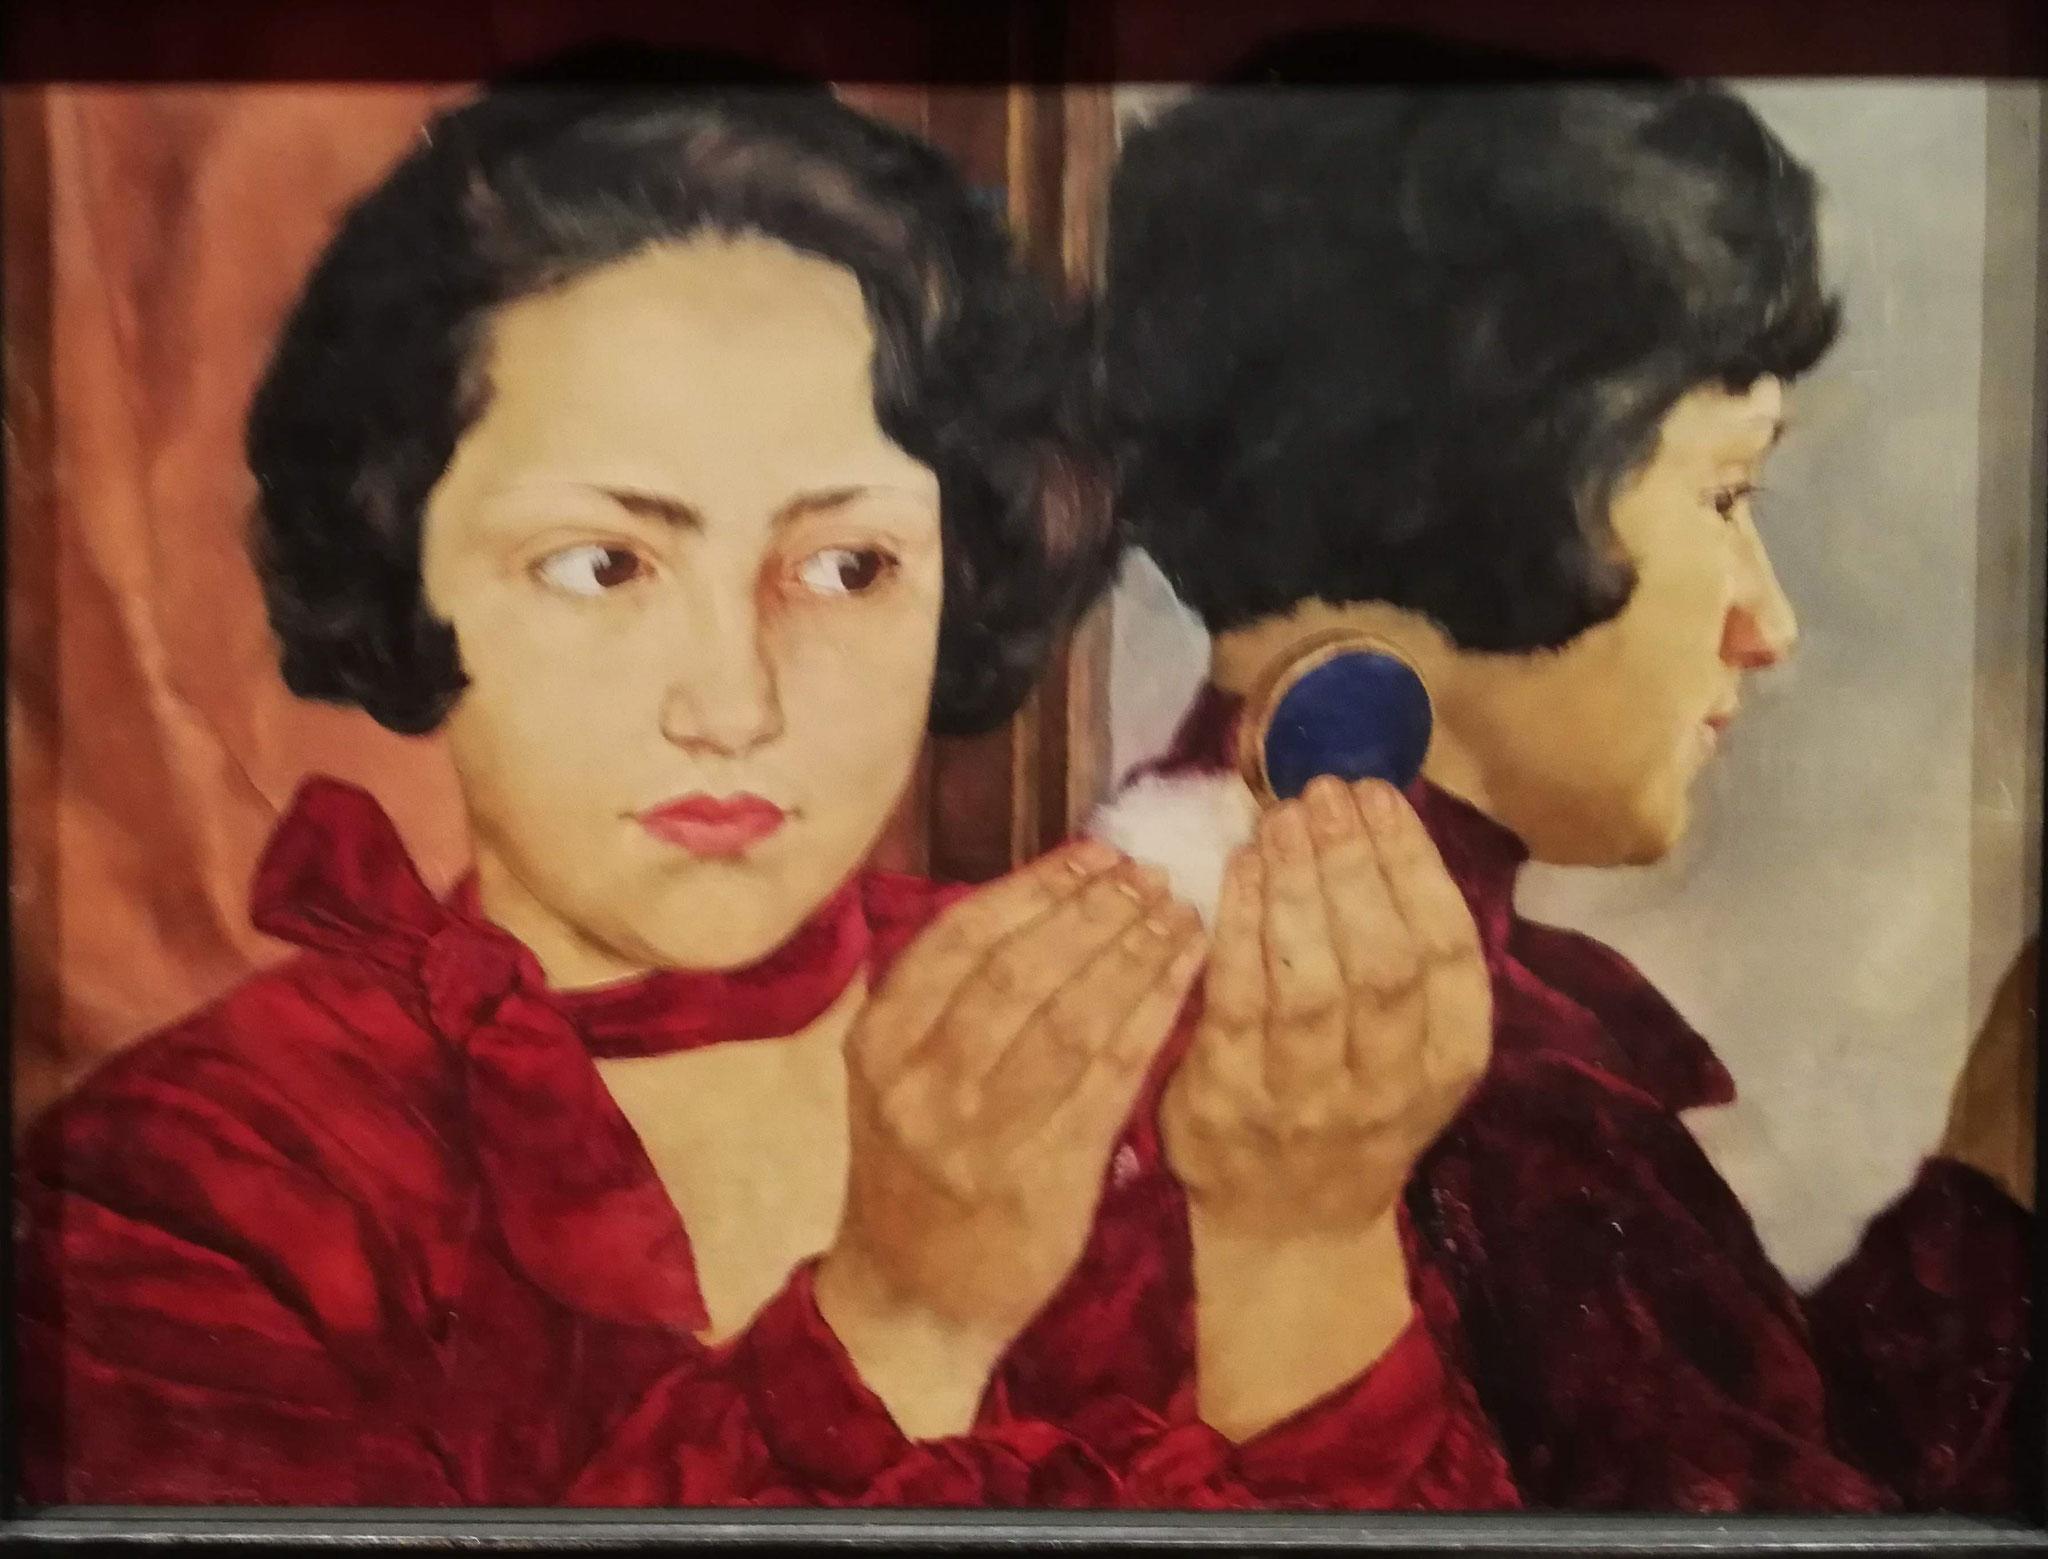 Lotte Laserstein, Russisches Mädchen mit Puderdose,1928